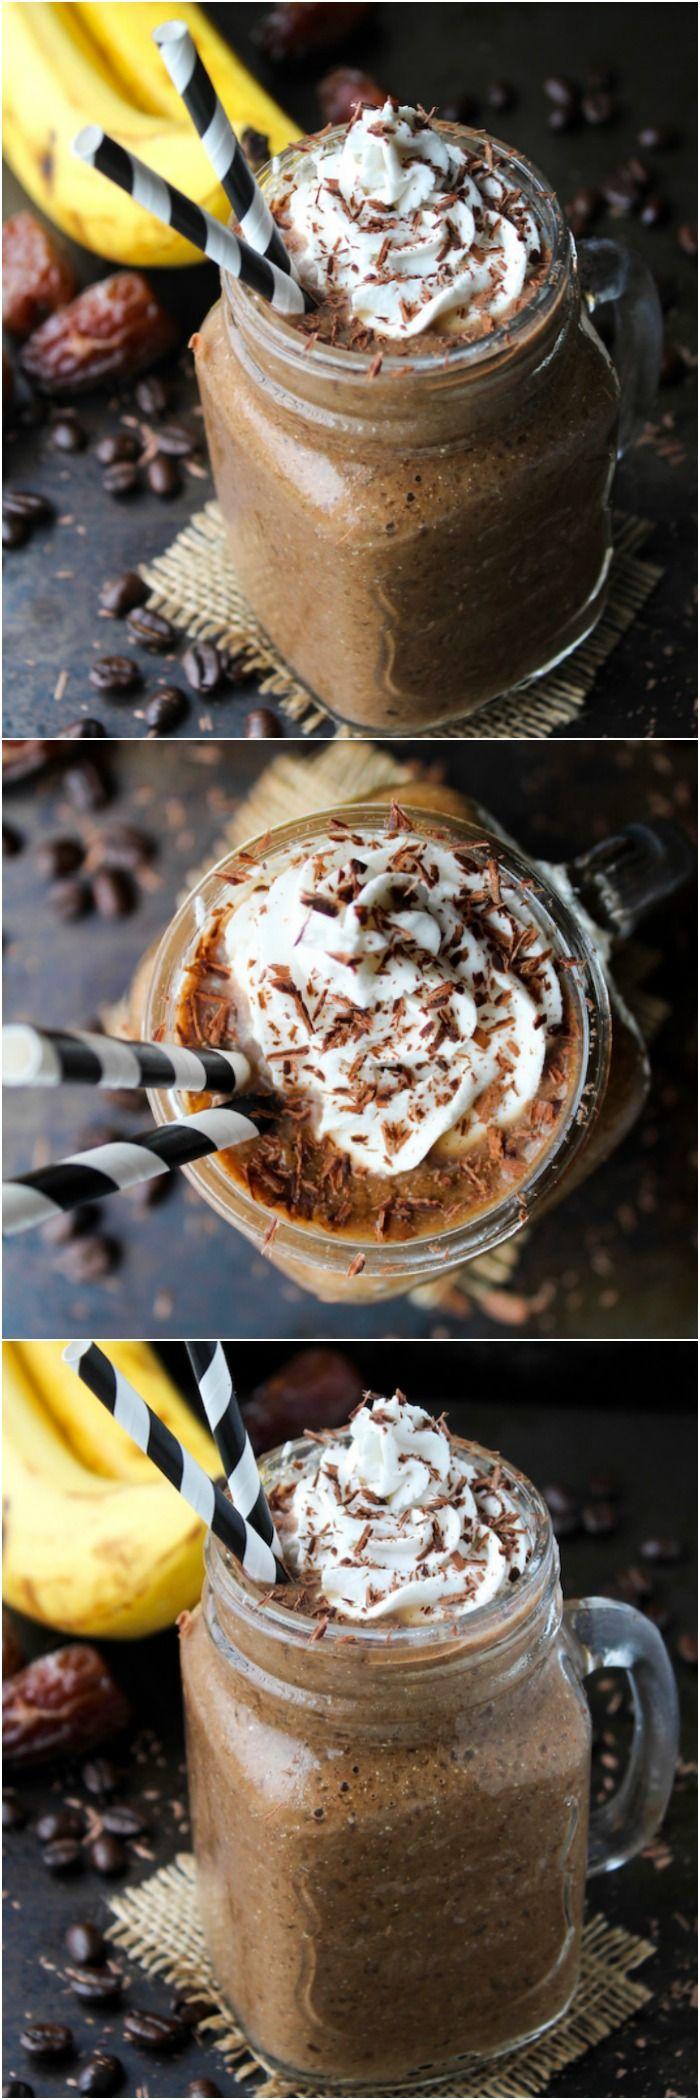 Chocolate and Coffee Smoothie |Naturally sweetened & dairy free – thick, creamy, chocolatey indulgence! Paleo & Vegan